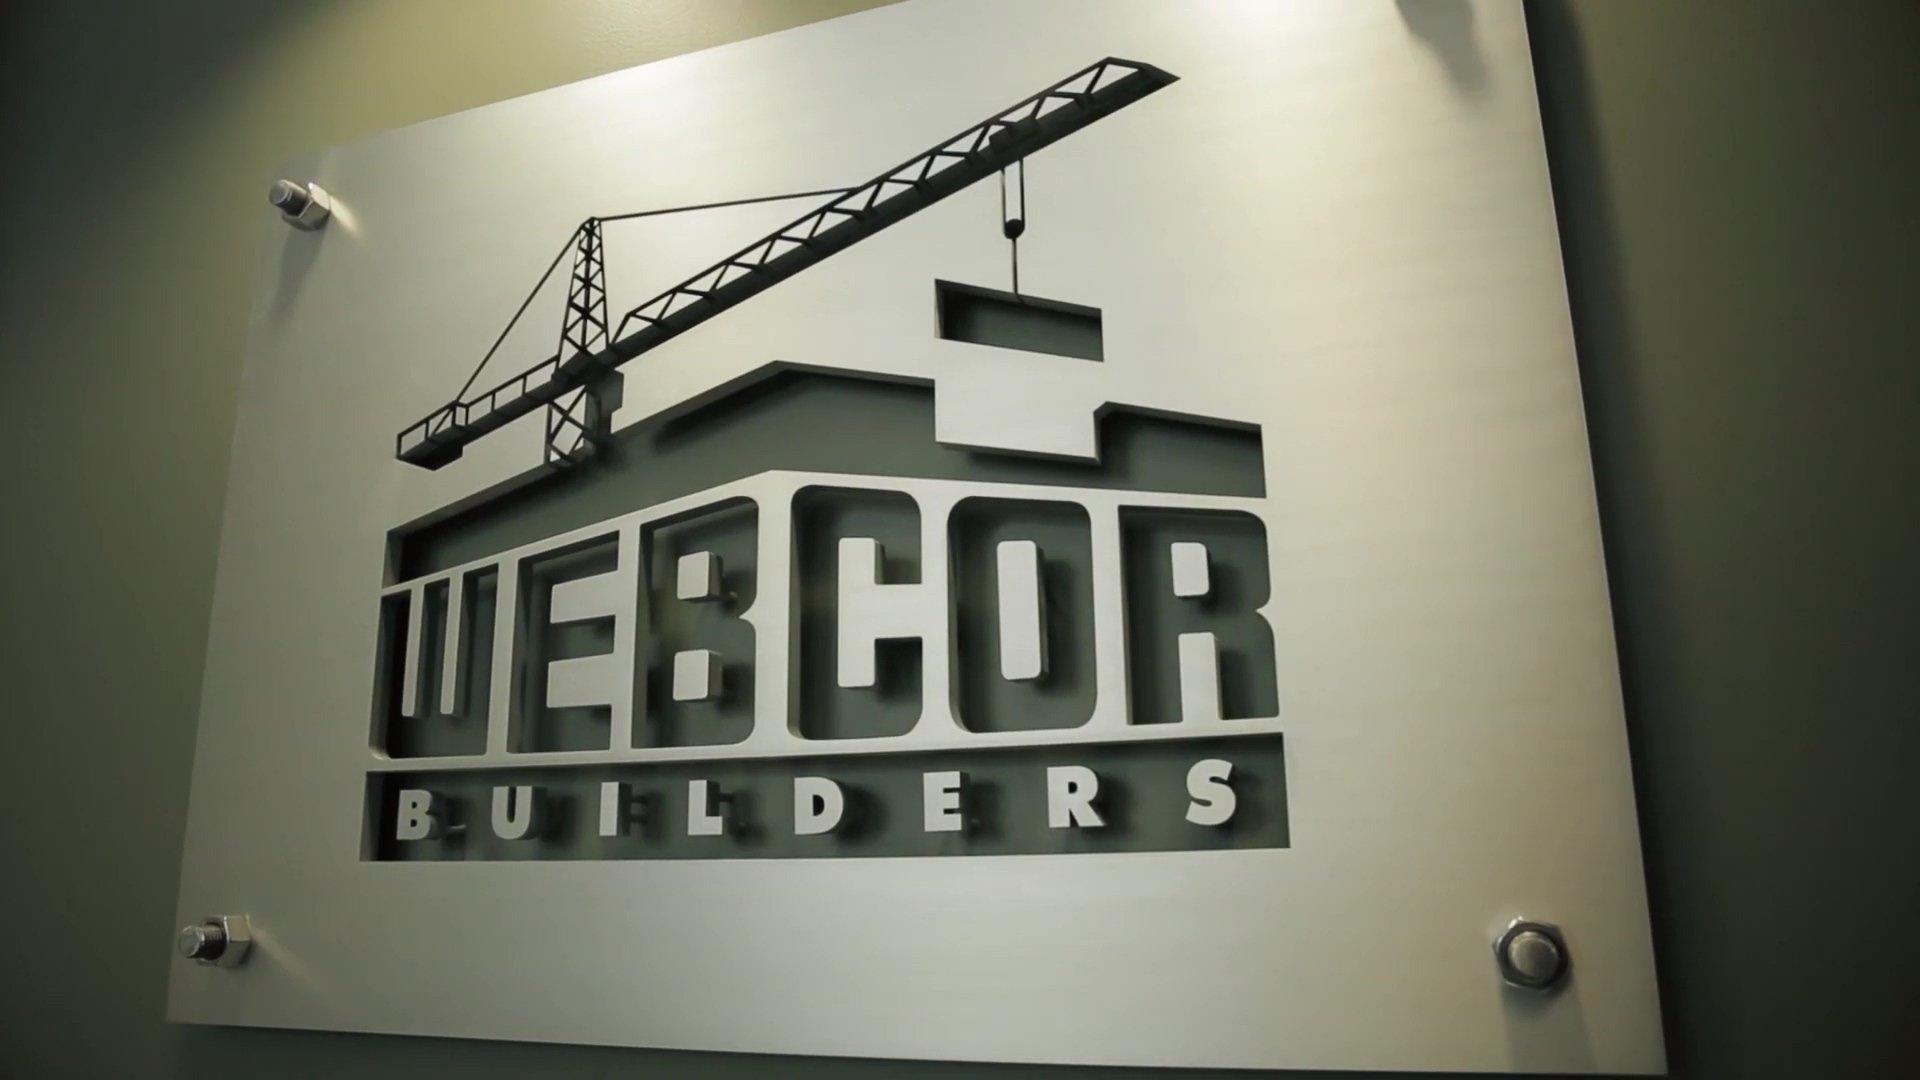 Boxユーザー事例ビデオ:米国建設会社ウェブコー社